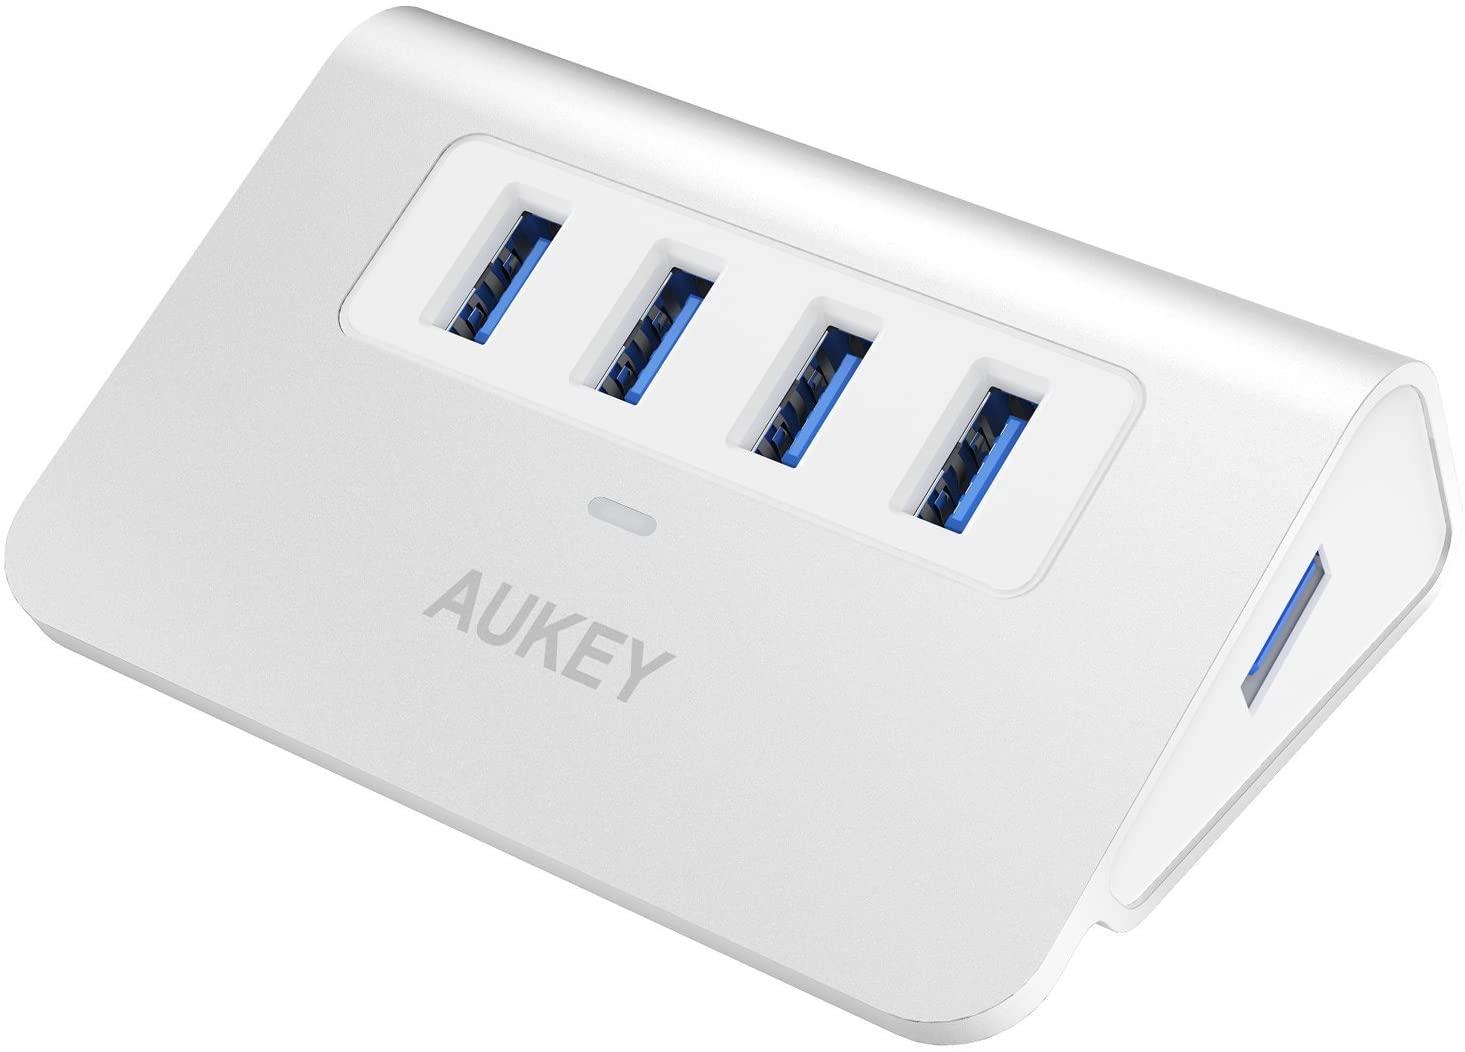 Hub USB Aukey